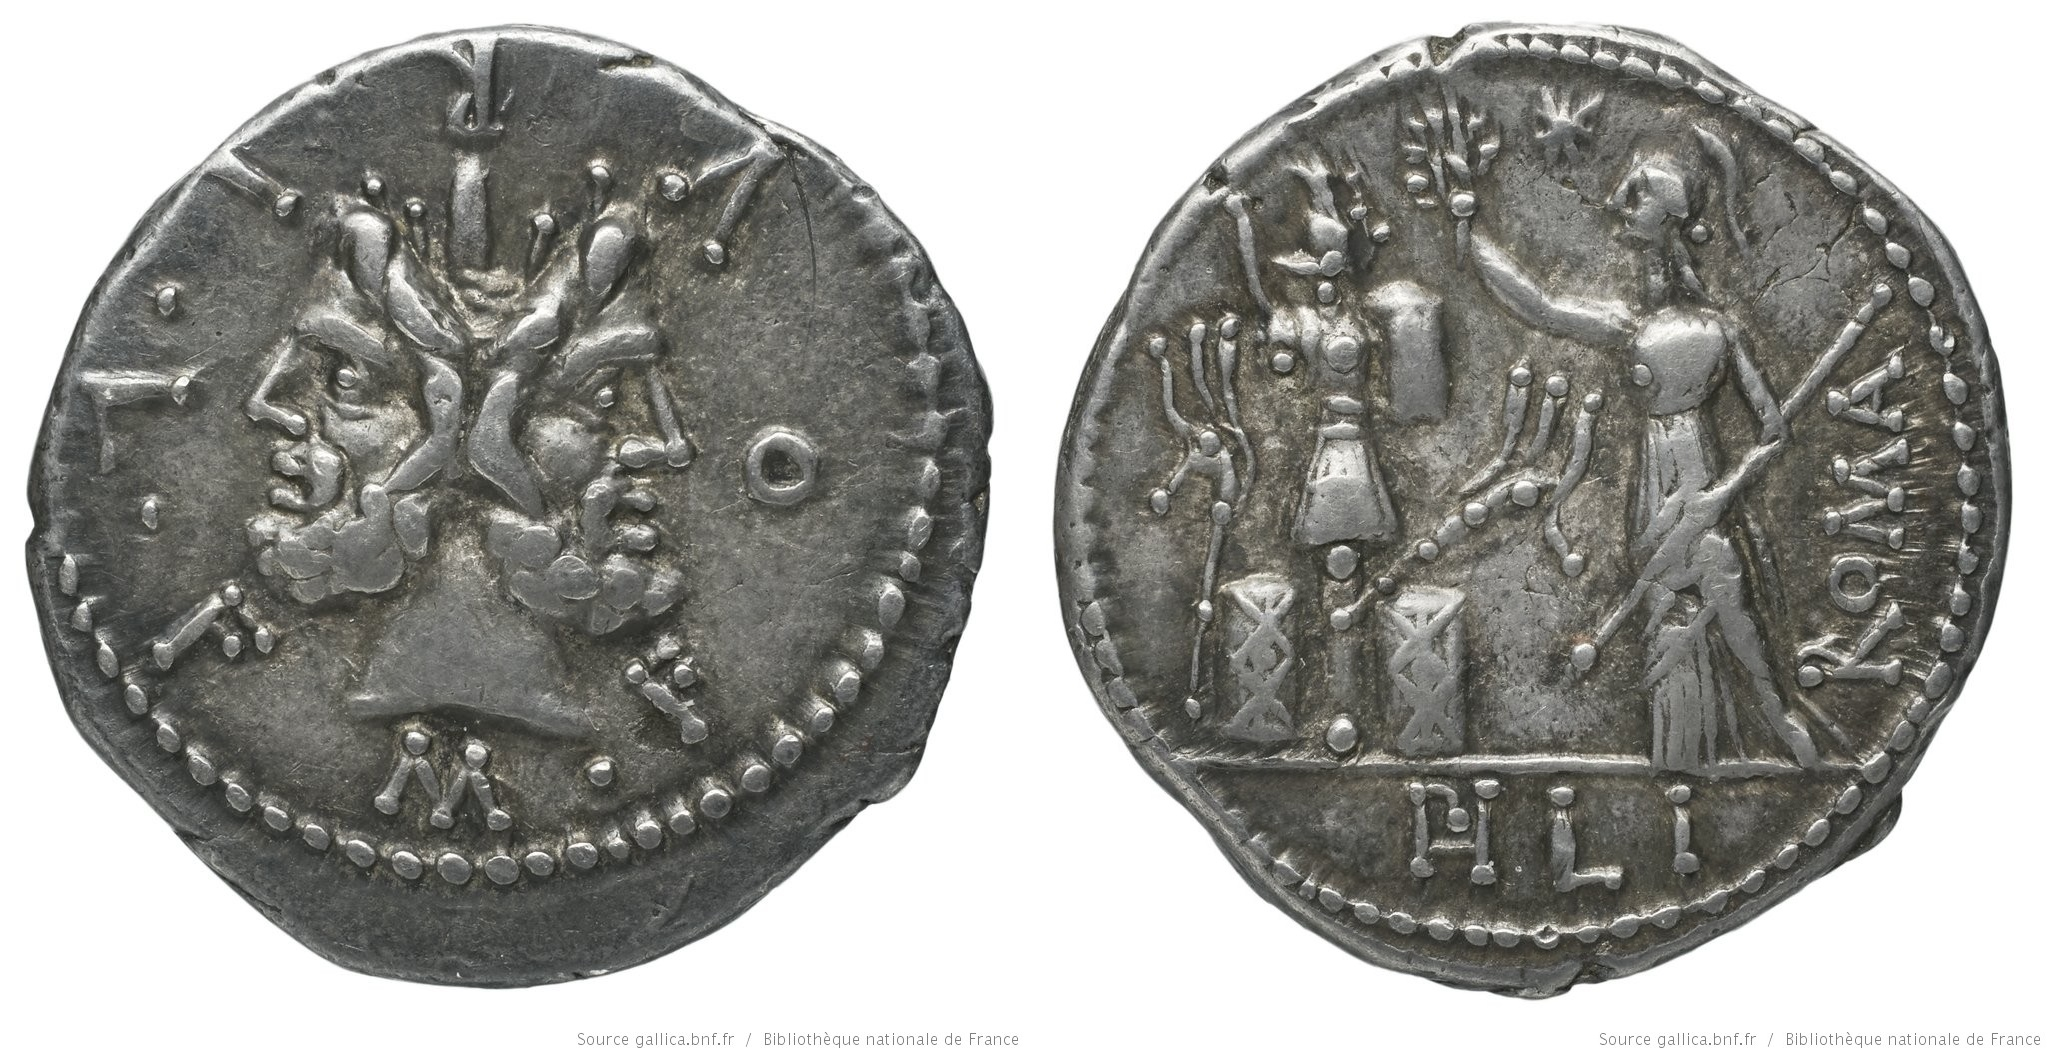 1066FU – Denier Furia – Marcus Furius Philus